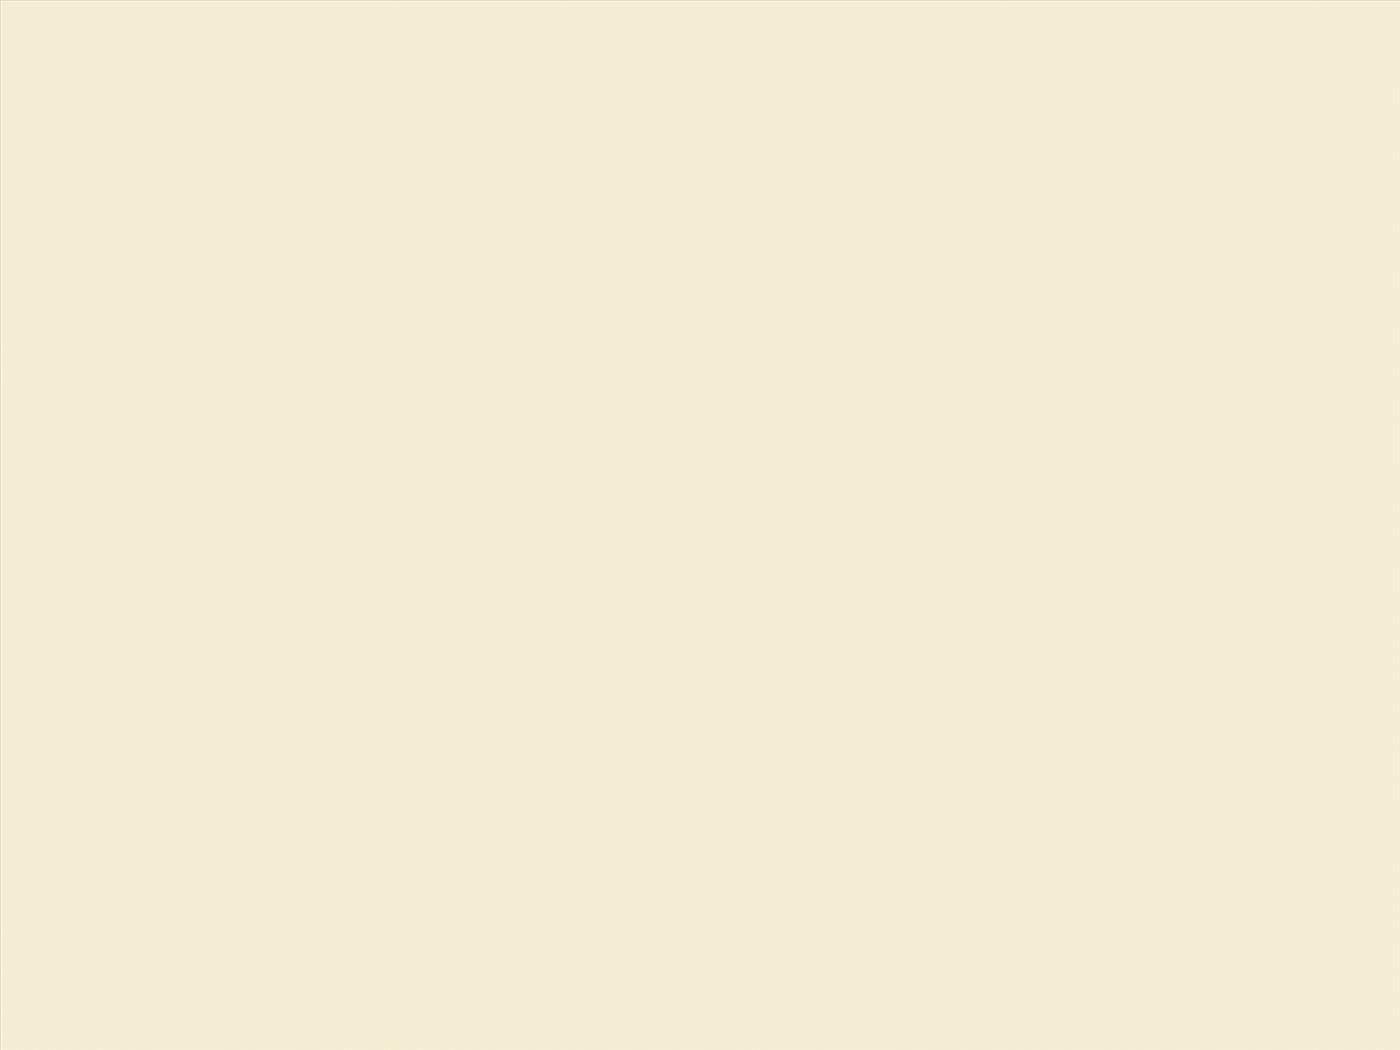 קוריאן corian vanilla